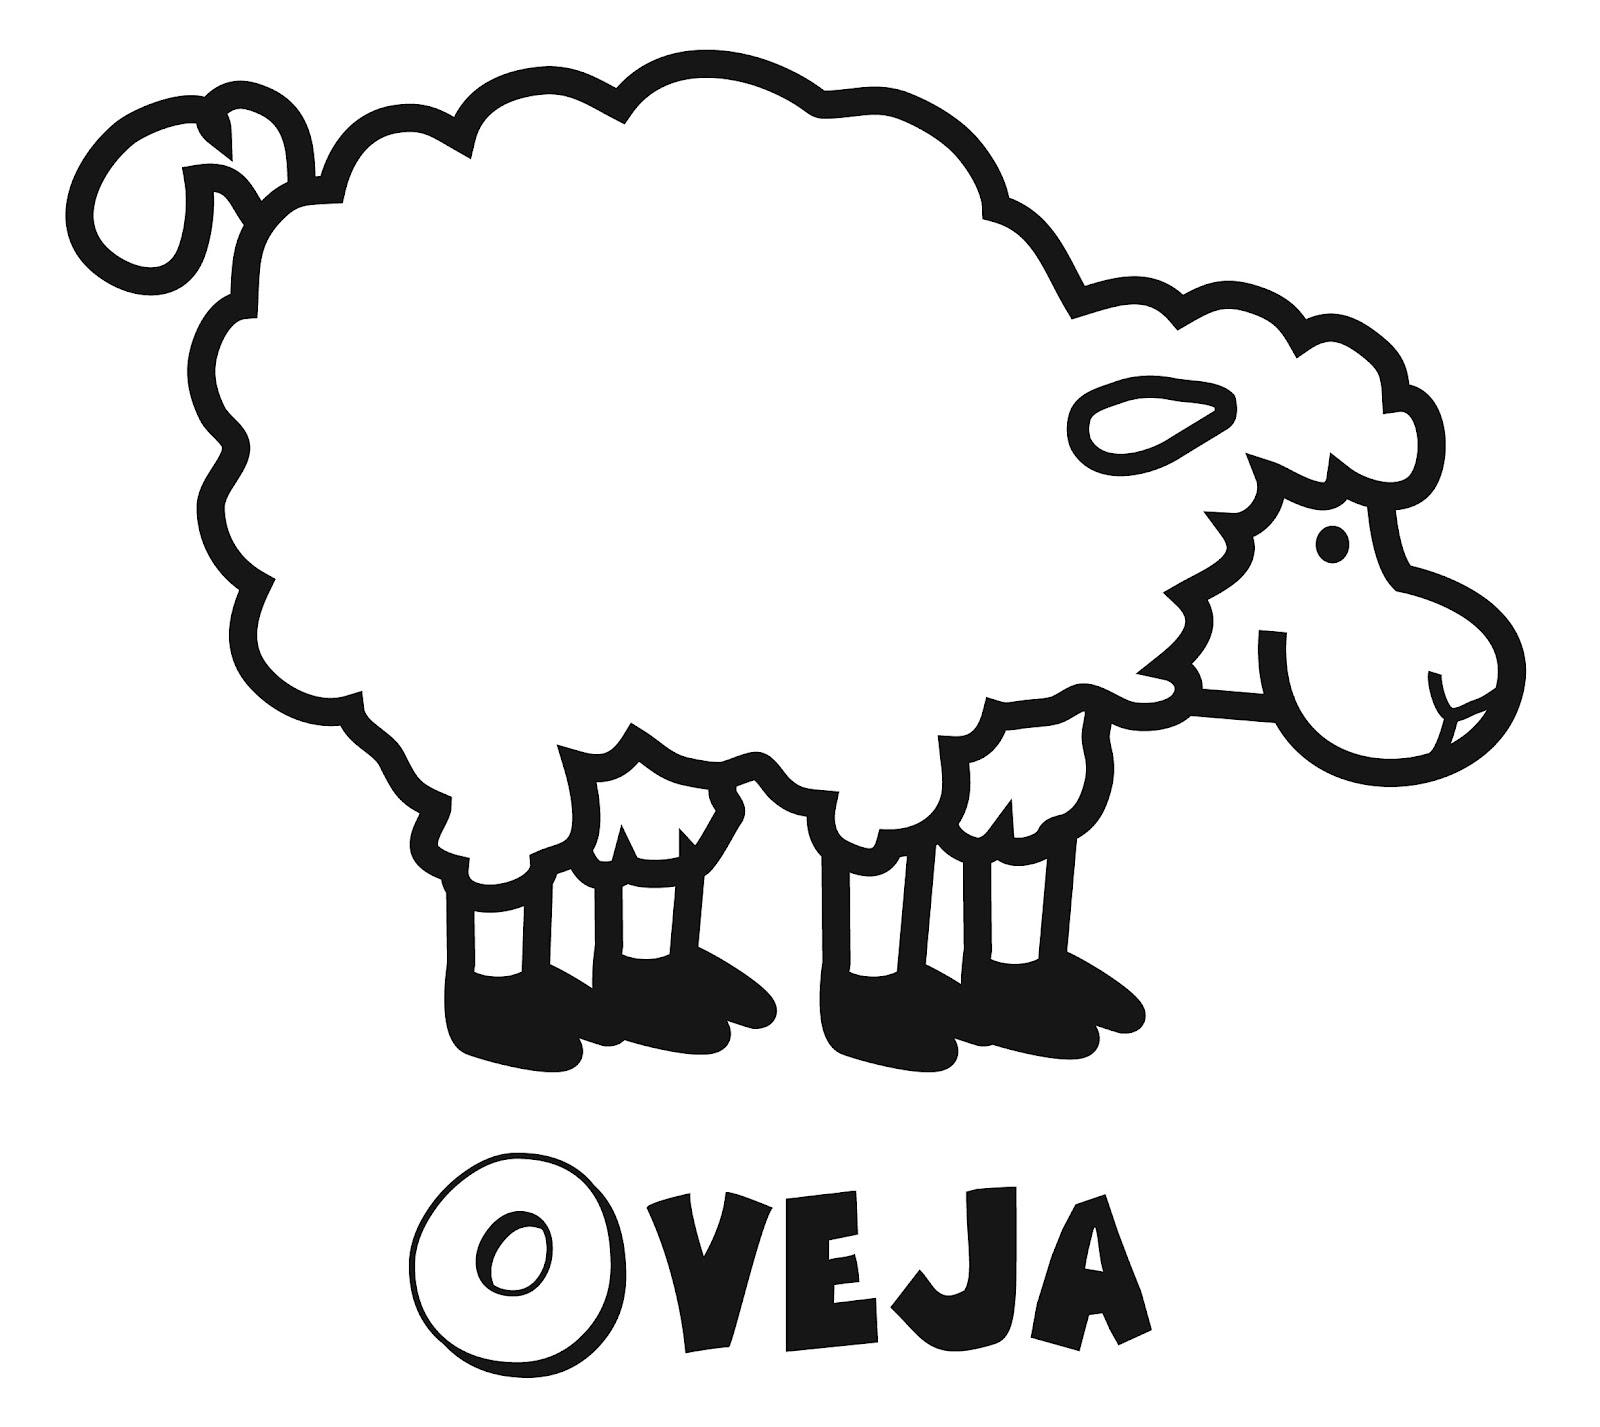 Animales para colorear y pintar: OVEJAS de granja | Colorear y ...